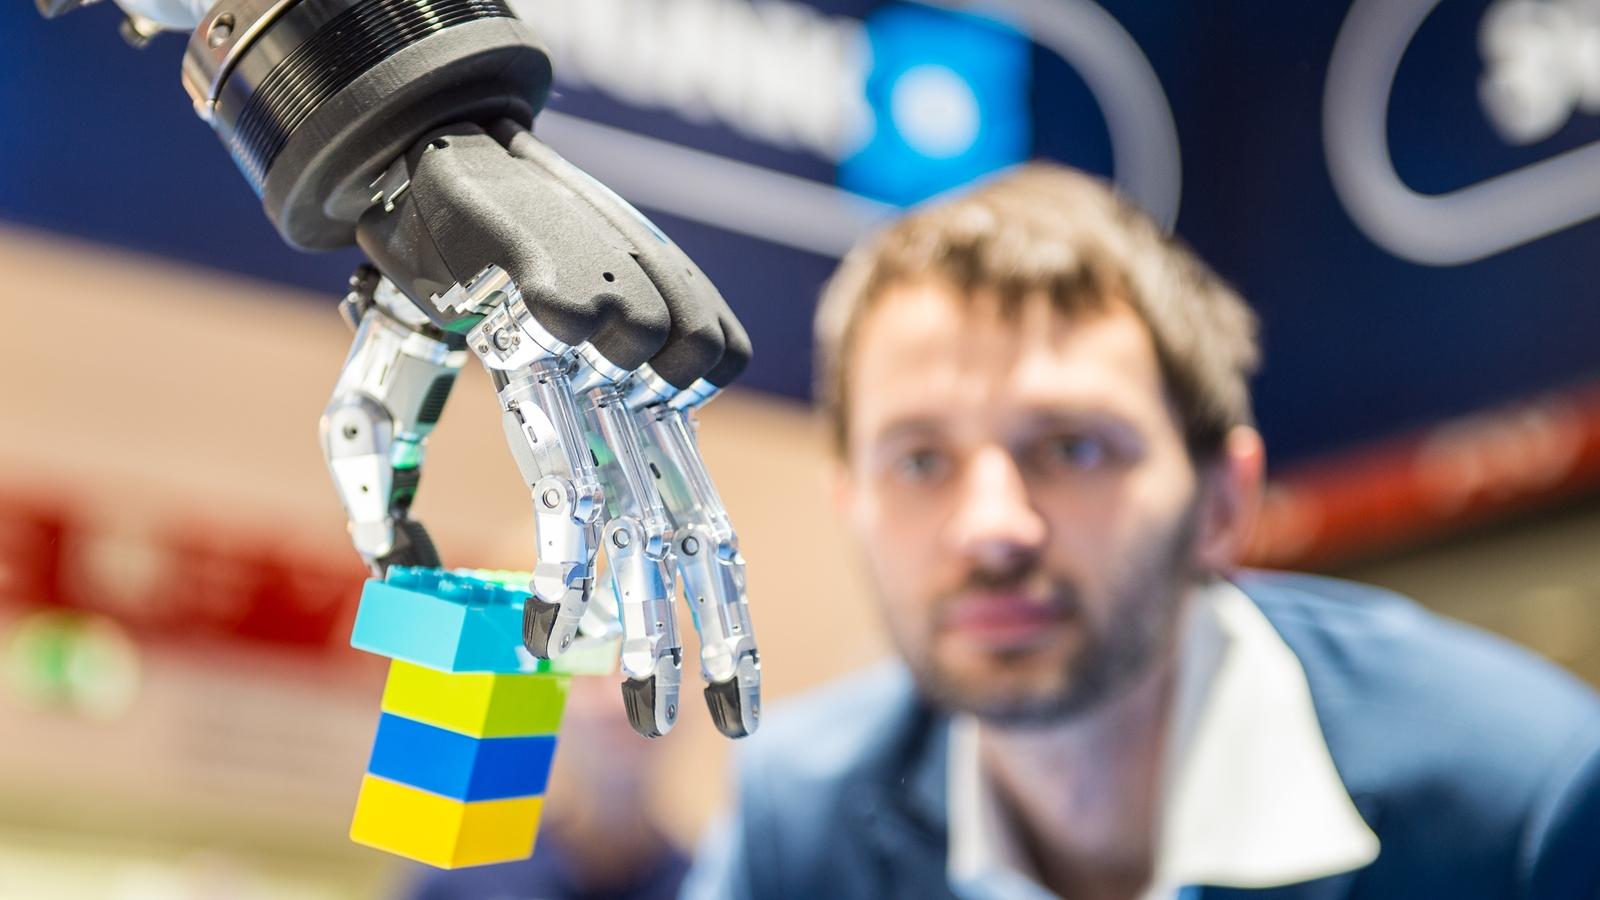 robots automáticos vs semi automáticos verdade comerciante cripto ou mentira